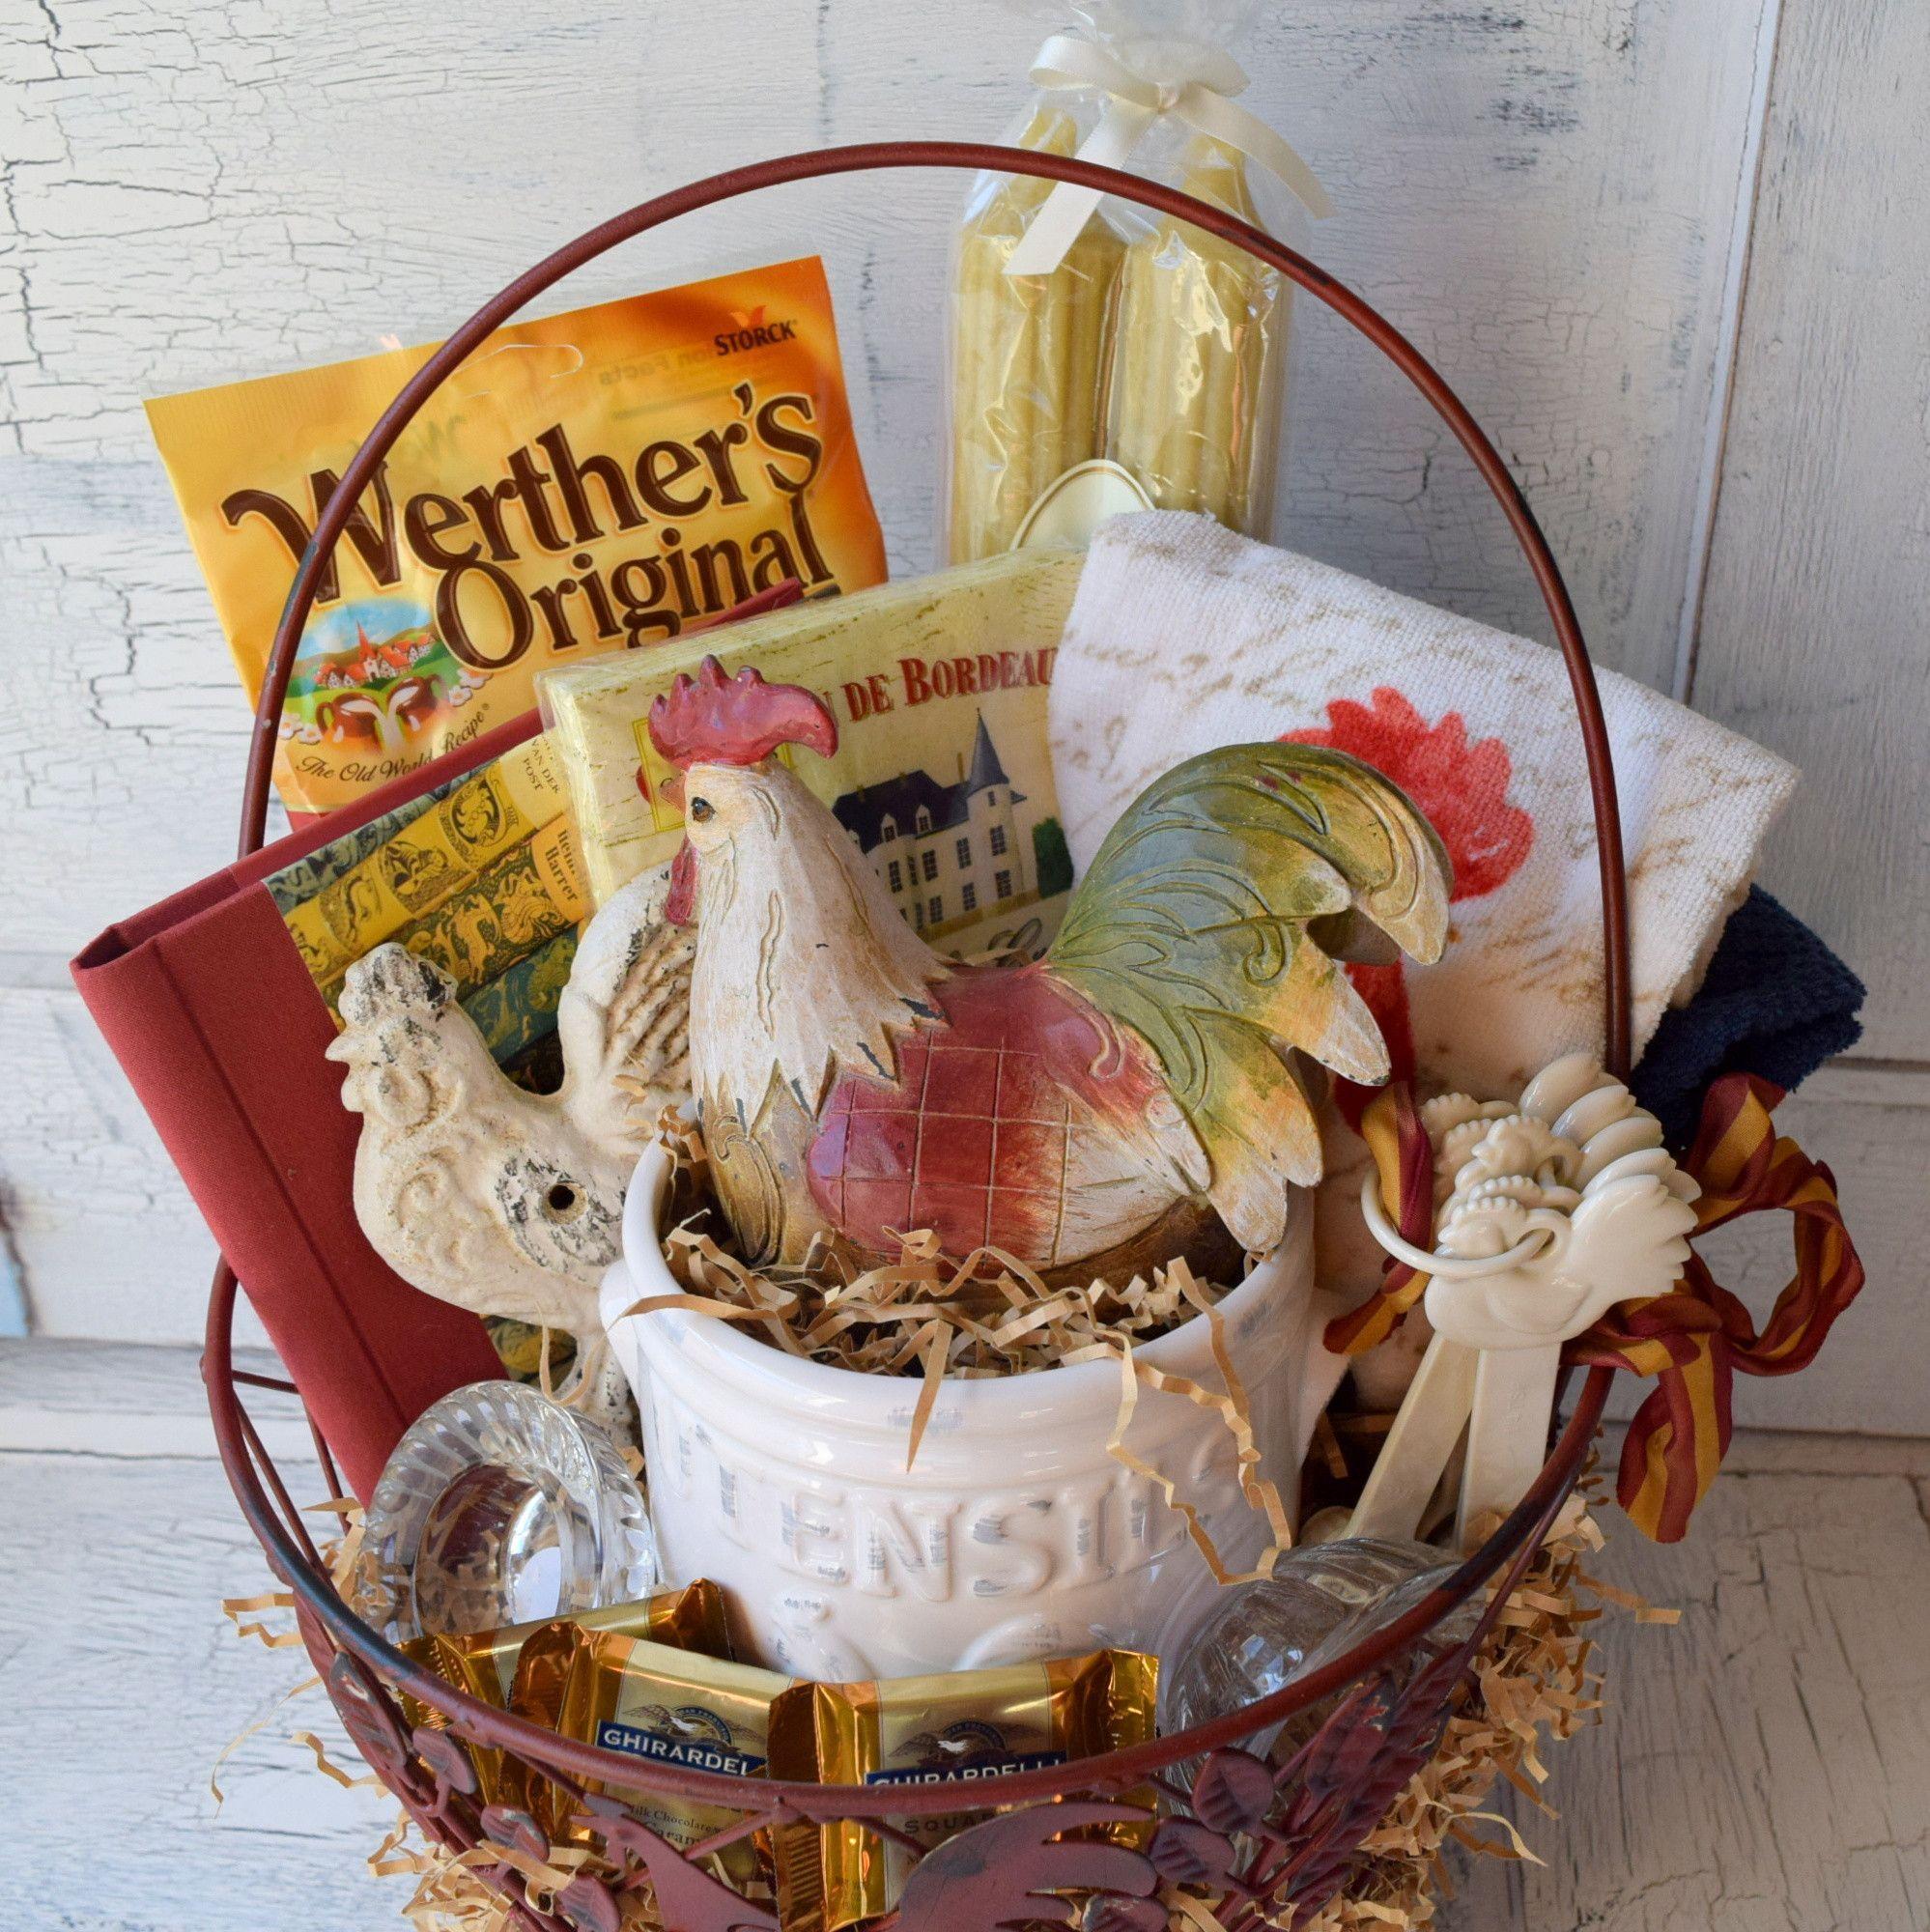 SOLD - Vintage Rooster Gift Basket   Gift, Vintage and Basket ideas